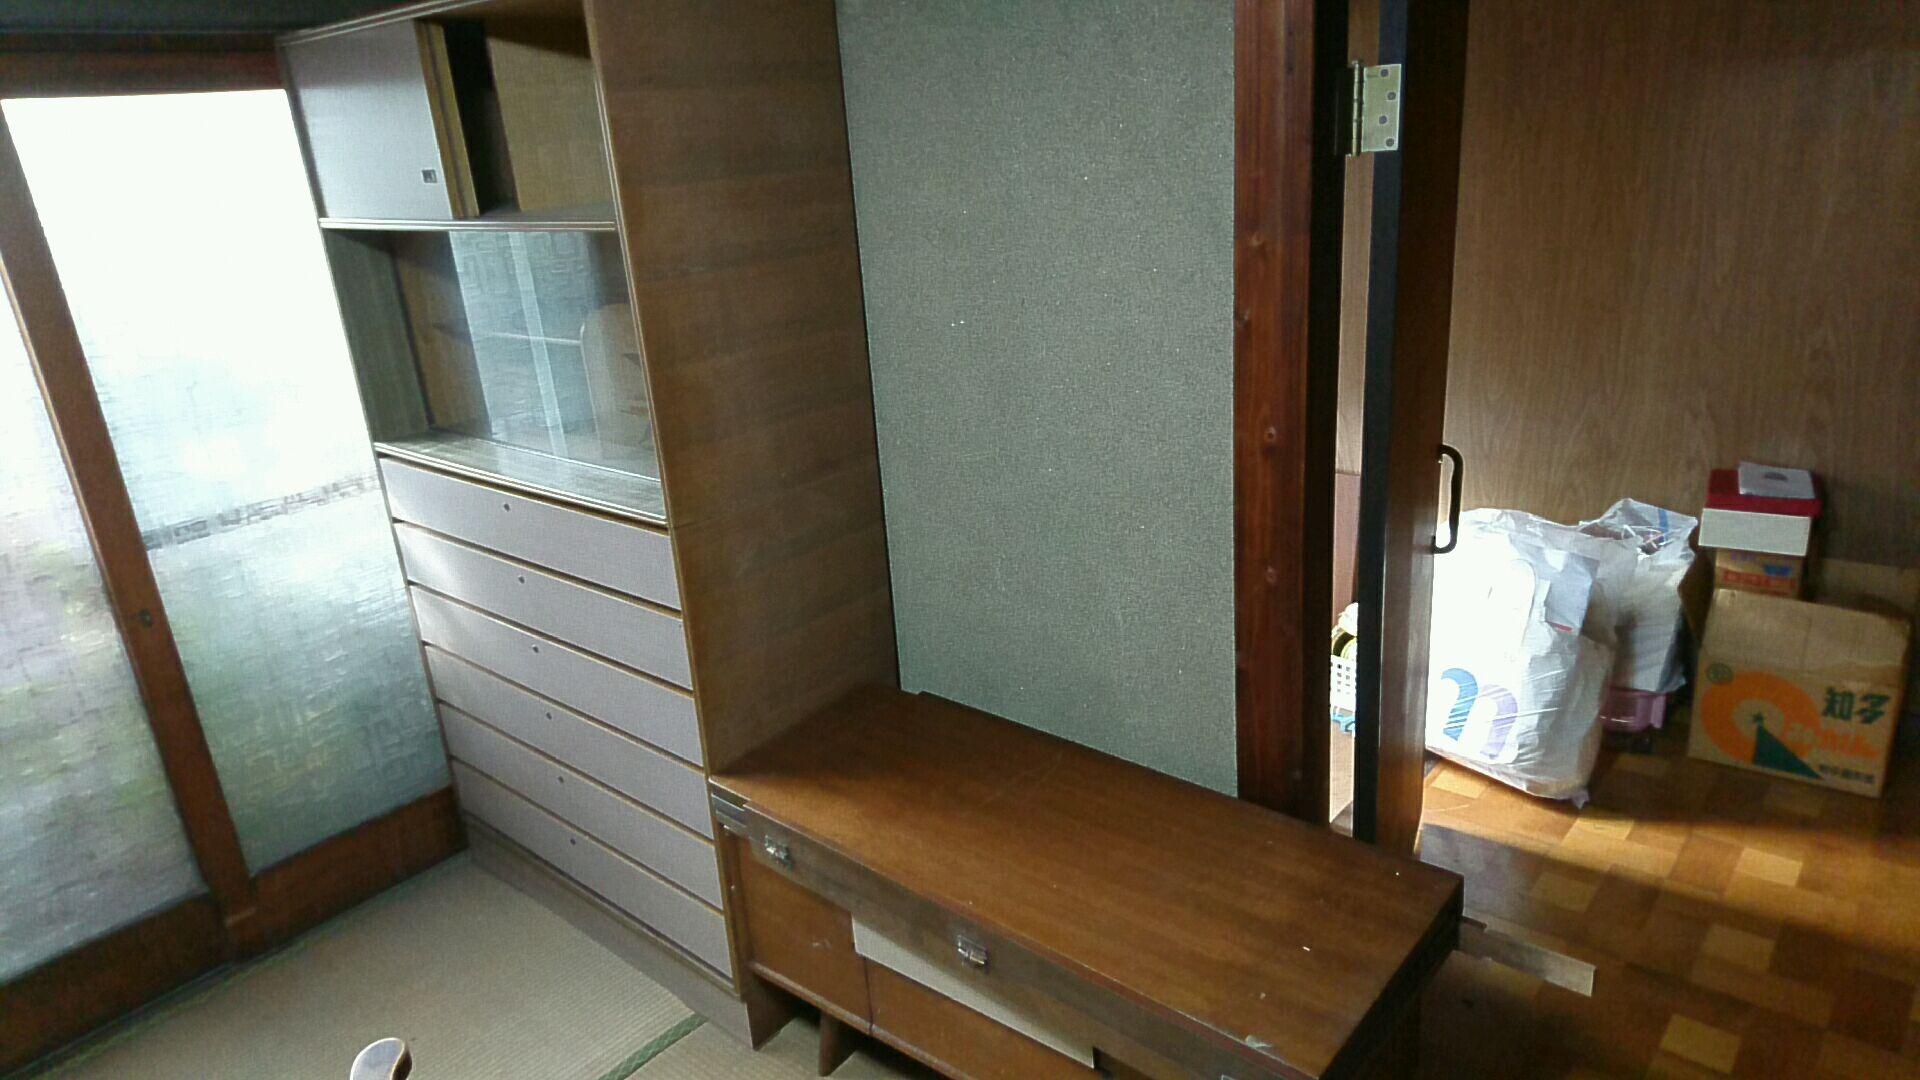 【愛知県名古屋市緑区】家具の出張回収